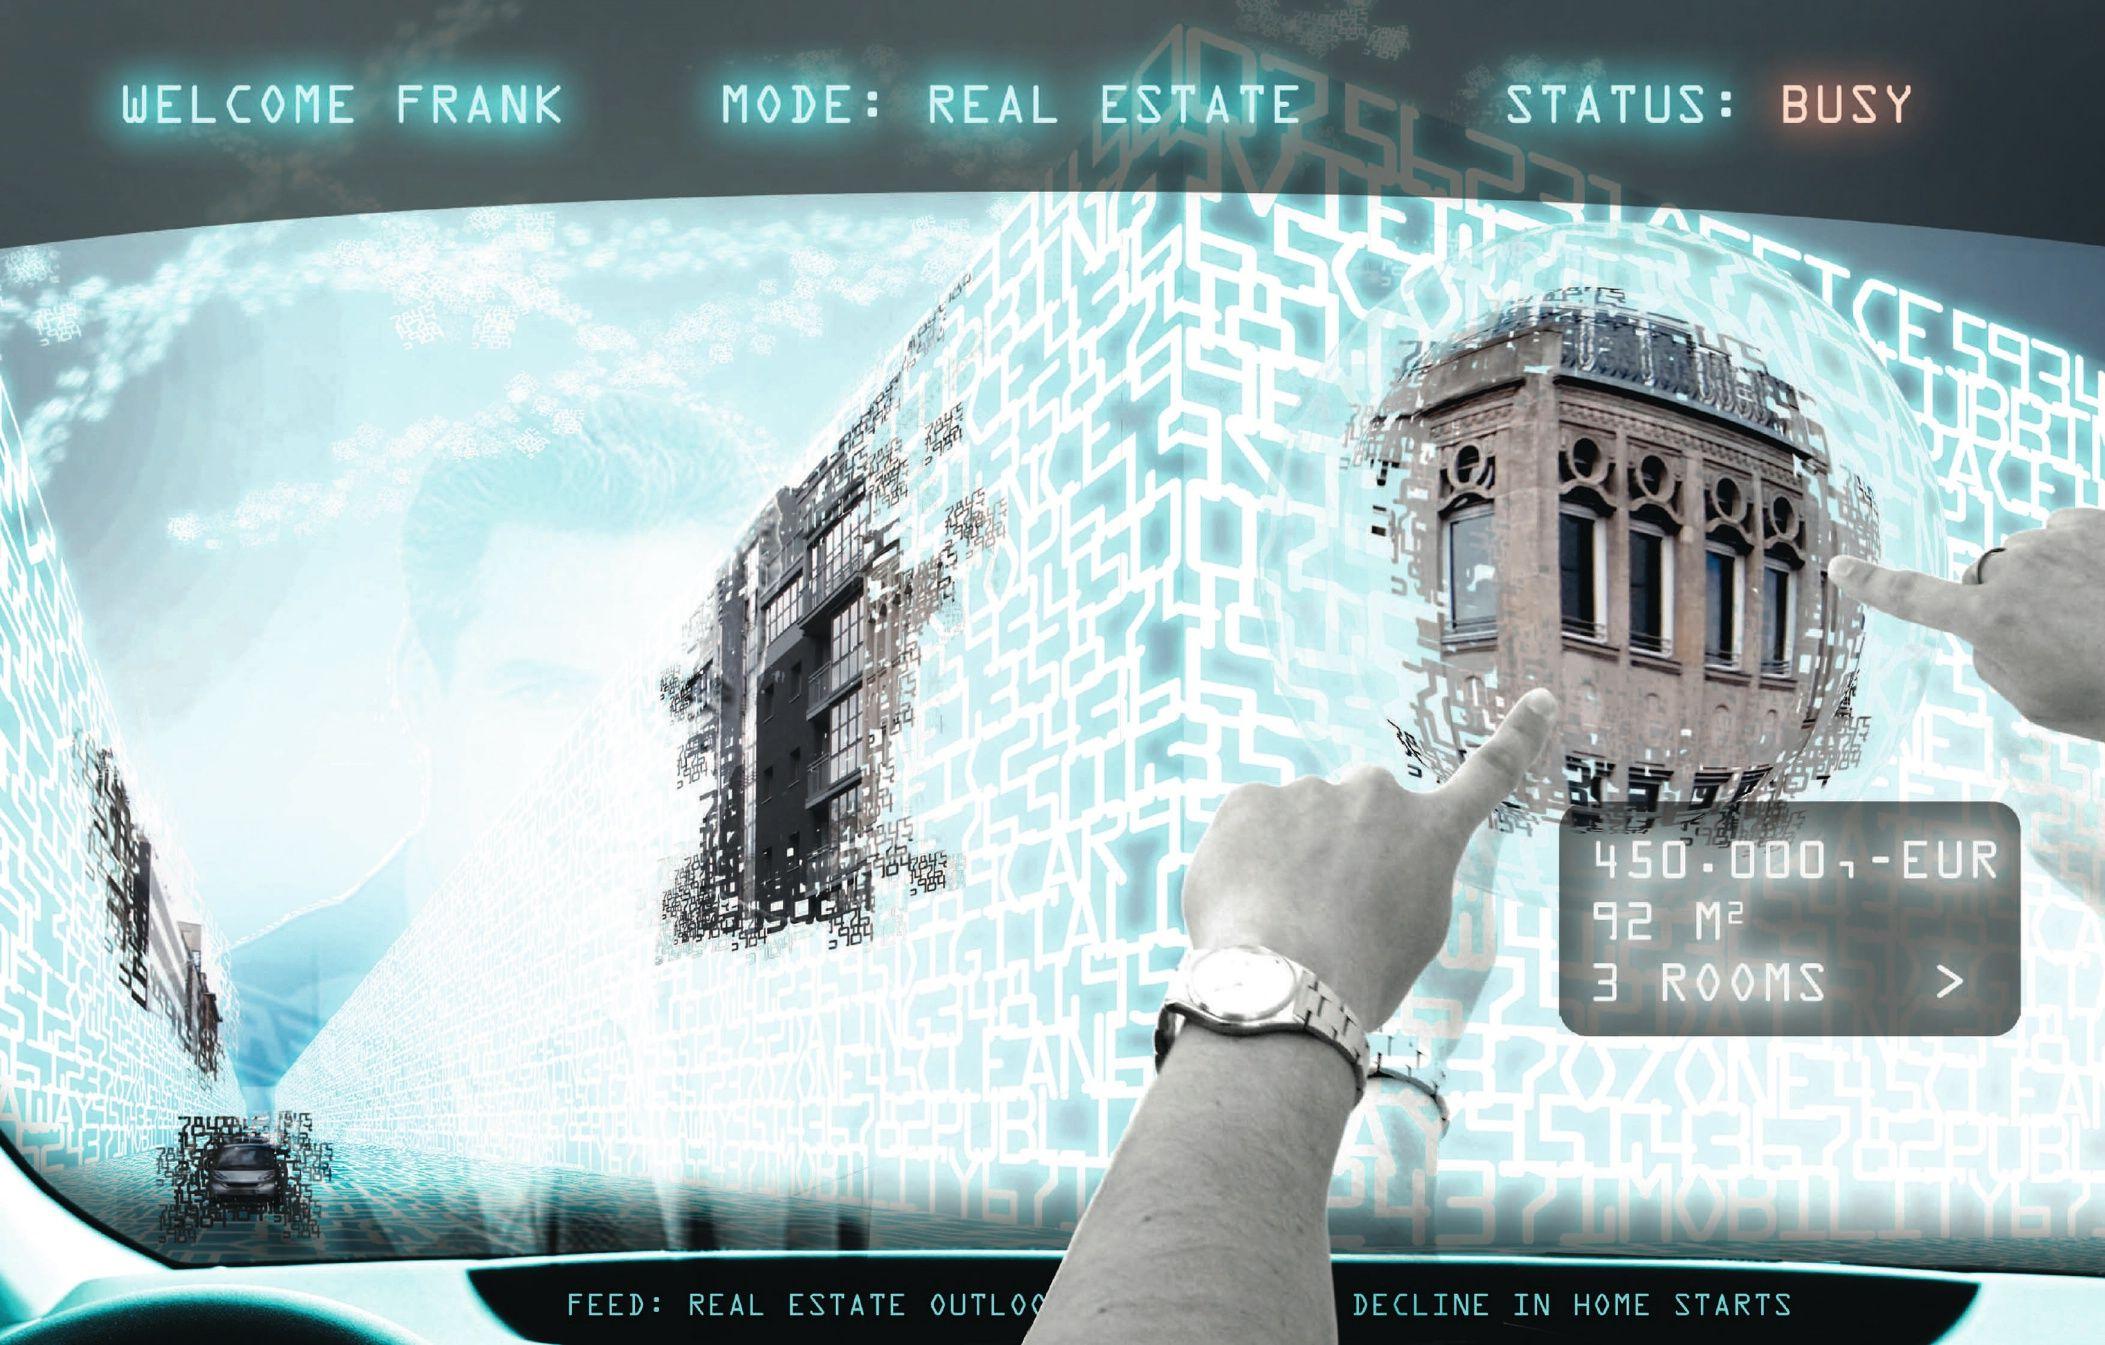 Audi Urban Future Award 2010: presentate le visioni sulla città e sulla mobilità del futuro